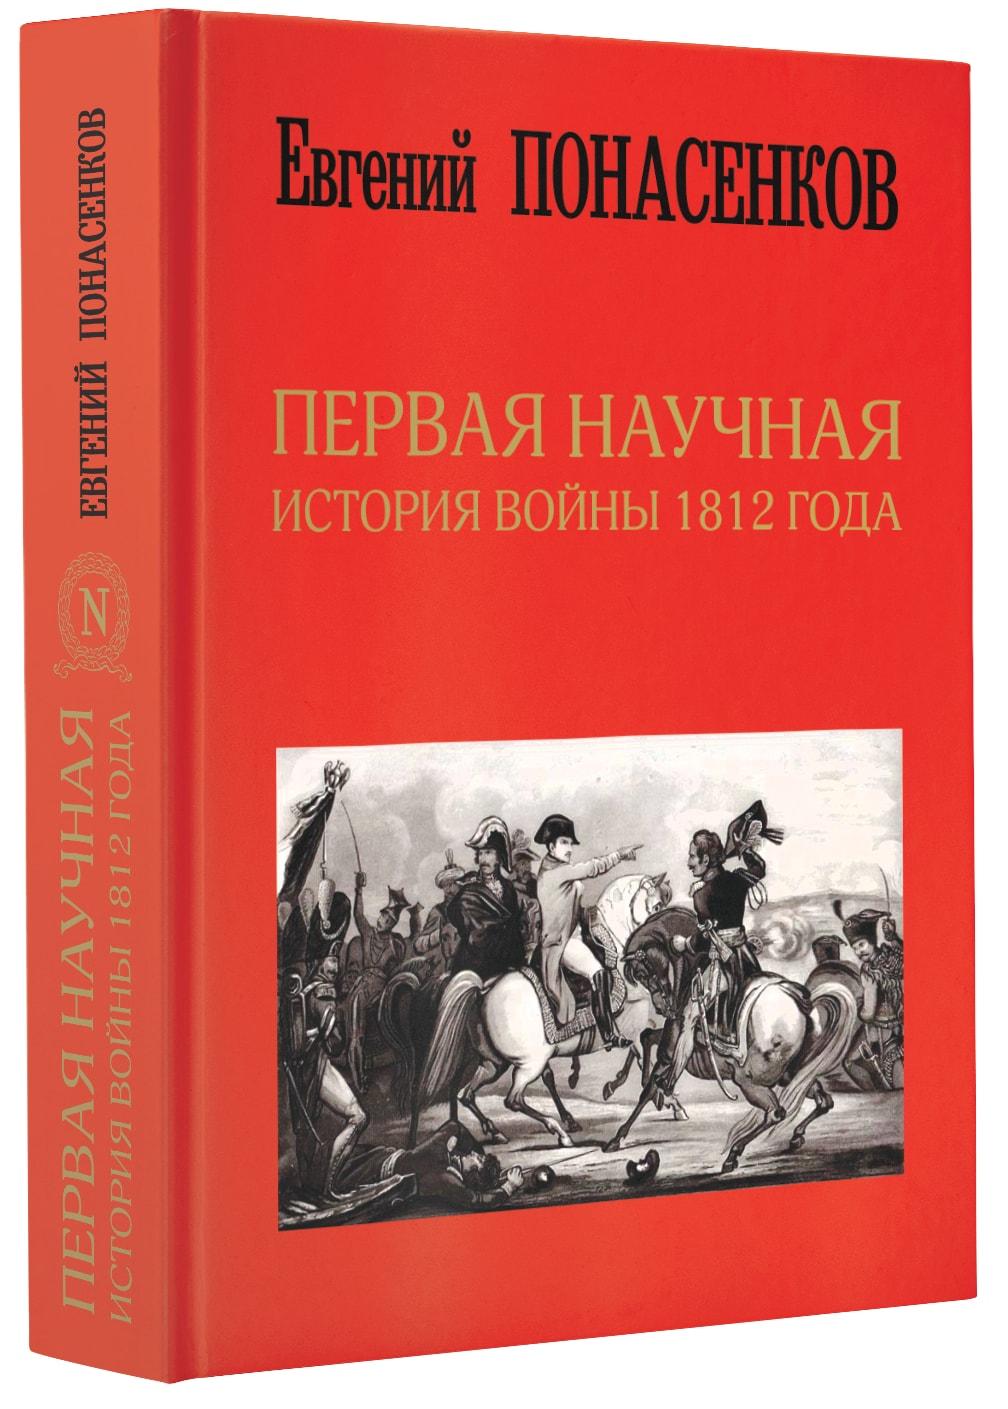 Евгений Понасенков Первая научная история войны 1812 года ISBN: 978-5-17-107656-6, 978-5-17-102143-6